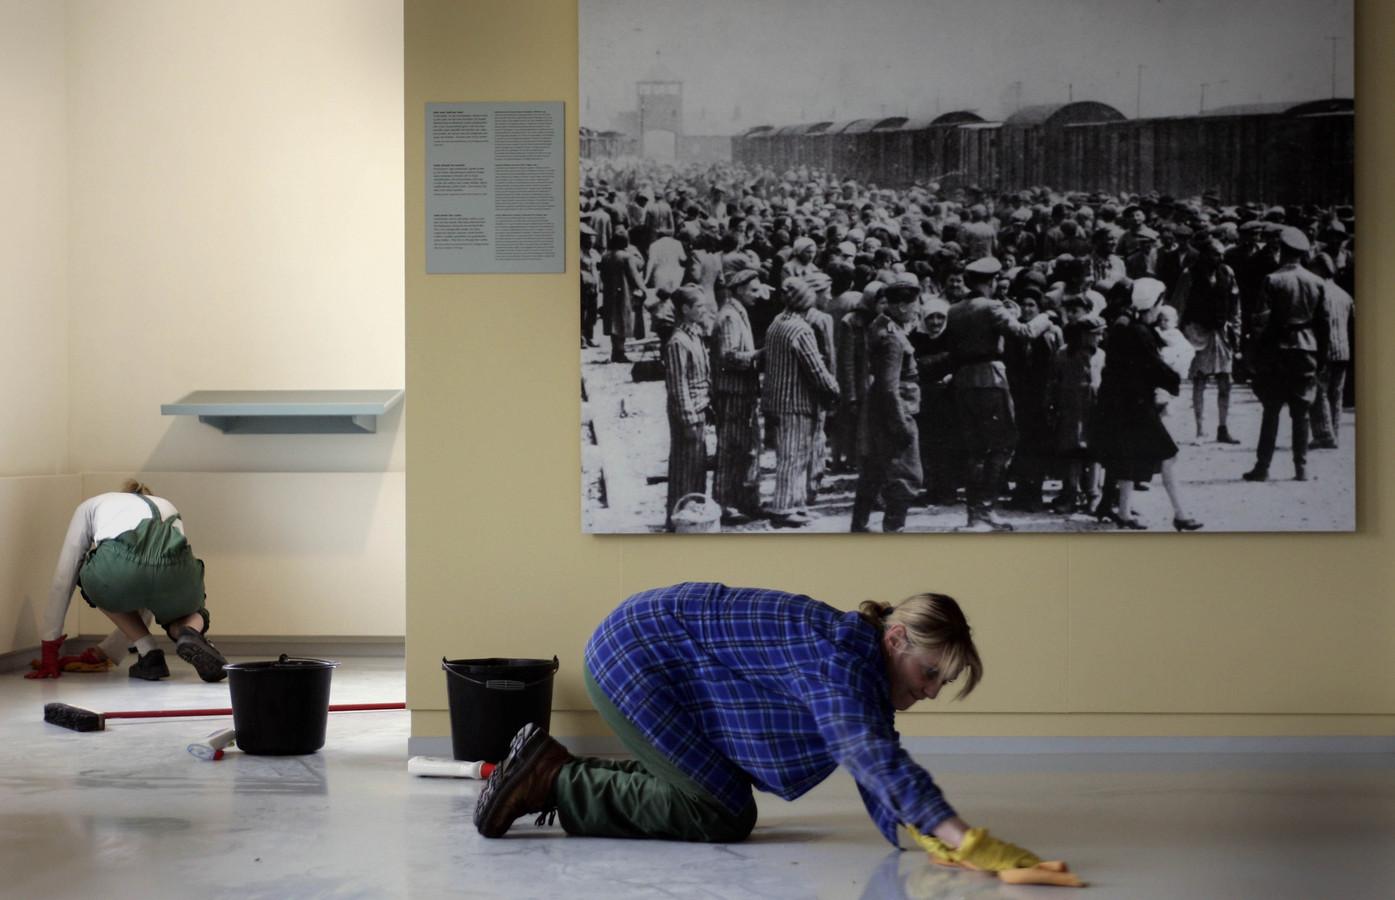 Foto ter illustratie. Schoonmaaksters dweilen de vloer van Museum Auschwitsch met op de achtergrond een foto van de aankomst van een transport met uit Nederland afkomstige Joden bij vernietigingskamp Auschwitz-Birkenau.